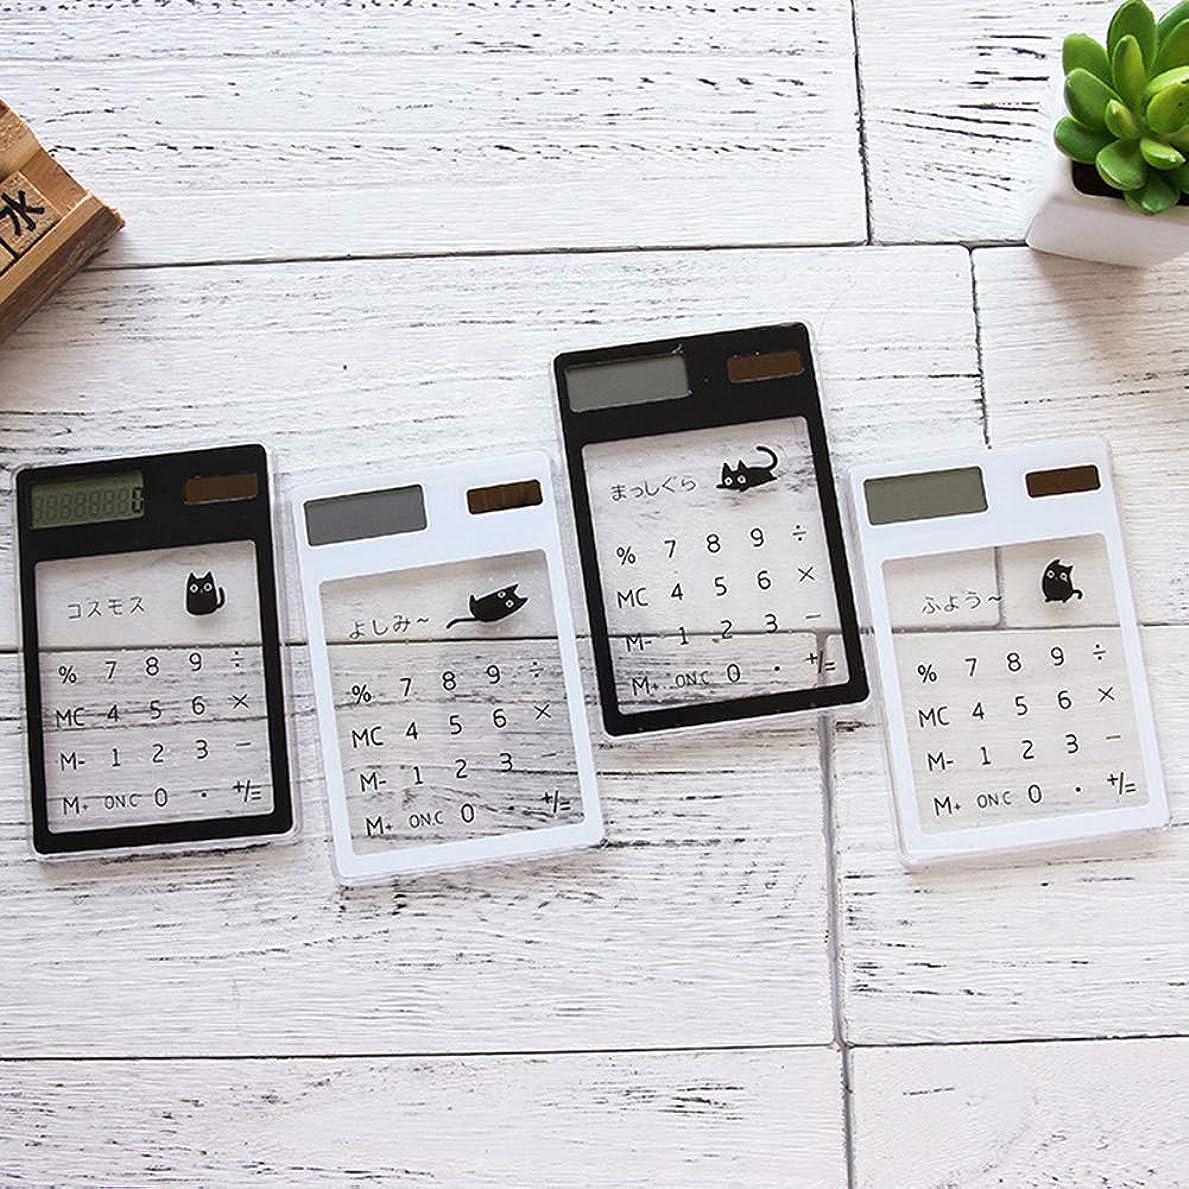 コンパス艦隊欺くdulawei3 携帯用透明電卓 ベーシック キュート ポケットカウンター ソーラー 学校 ホーム オフィス用 - ランダムカラー